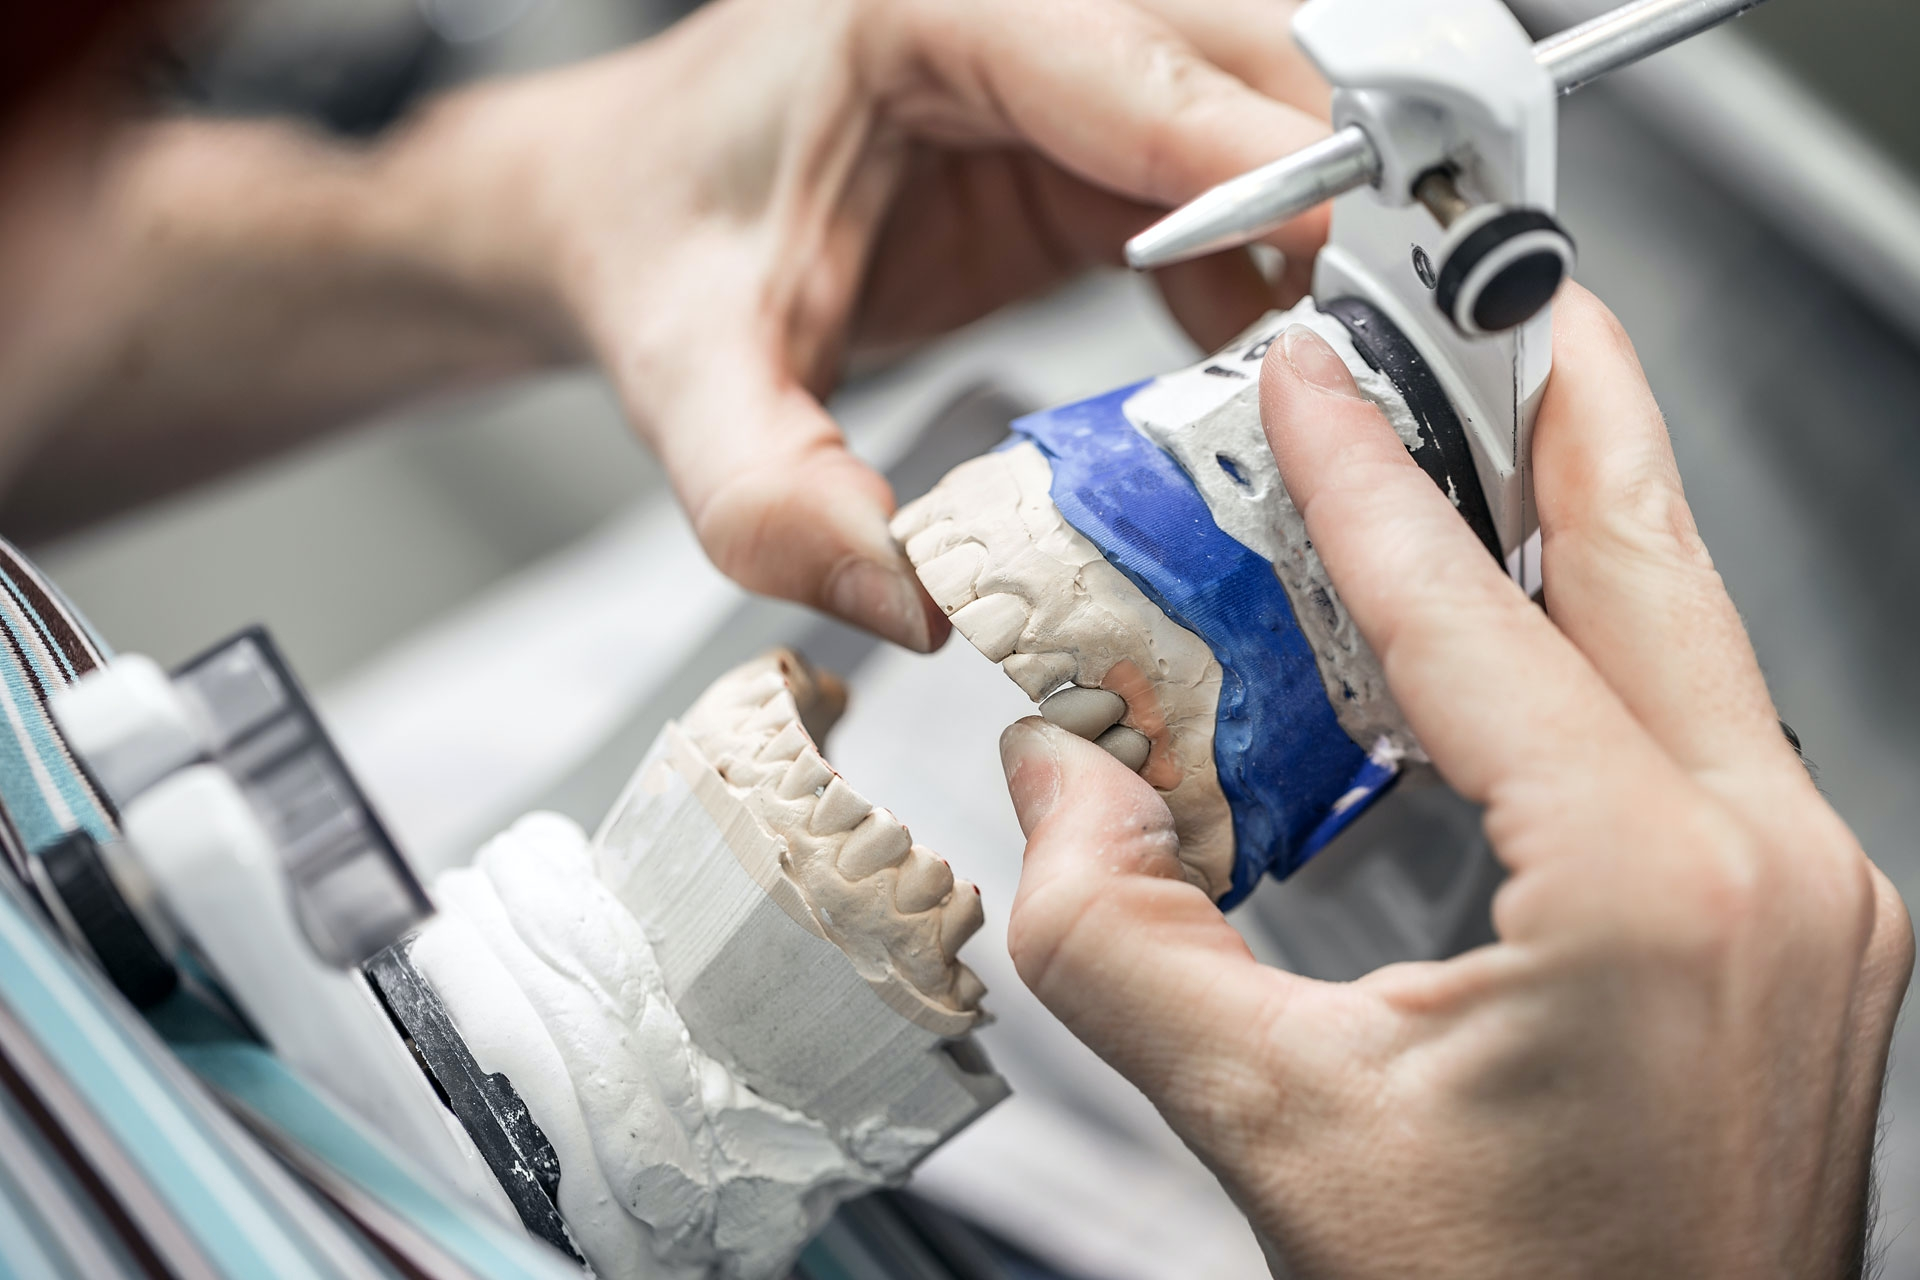 kỹ thuật phục hình răng ra làm gì